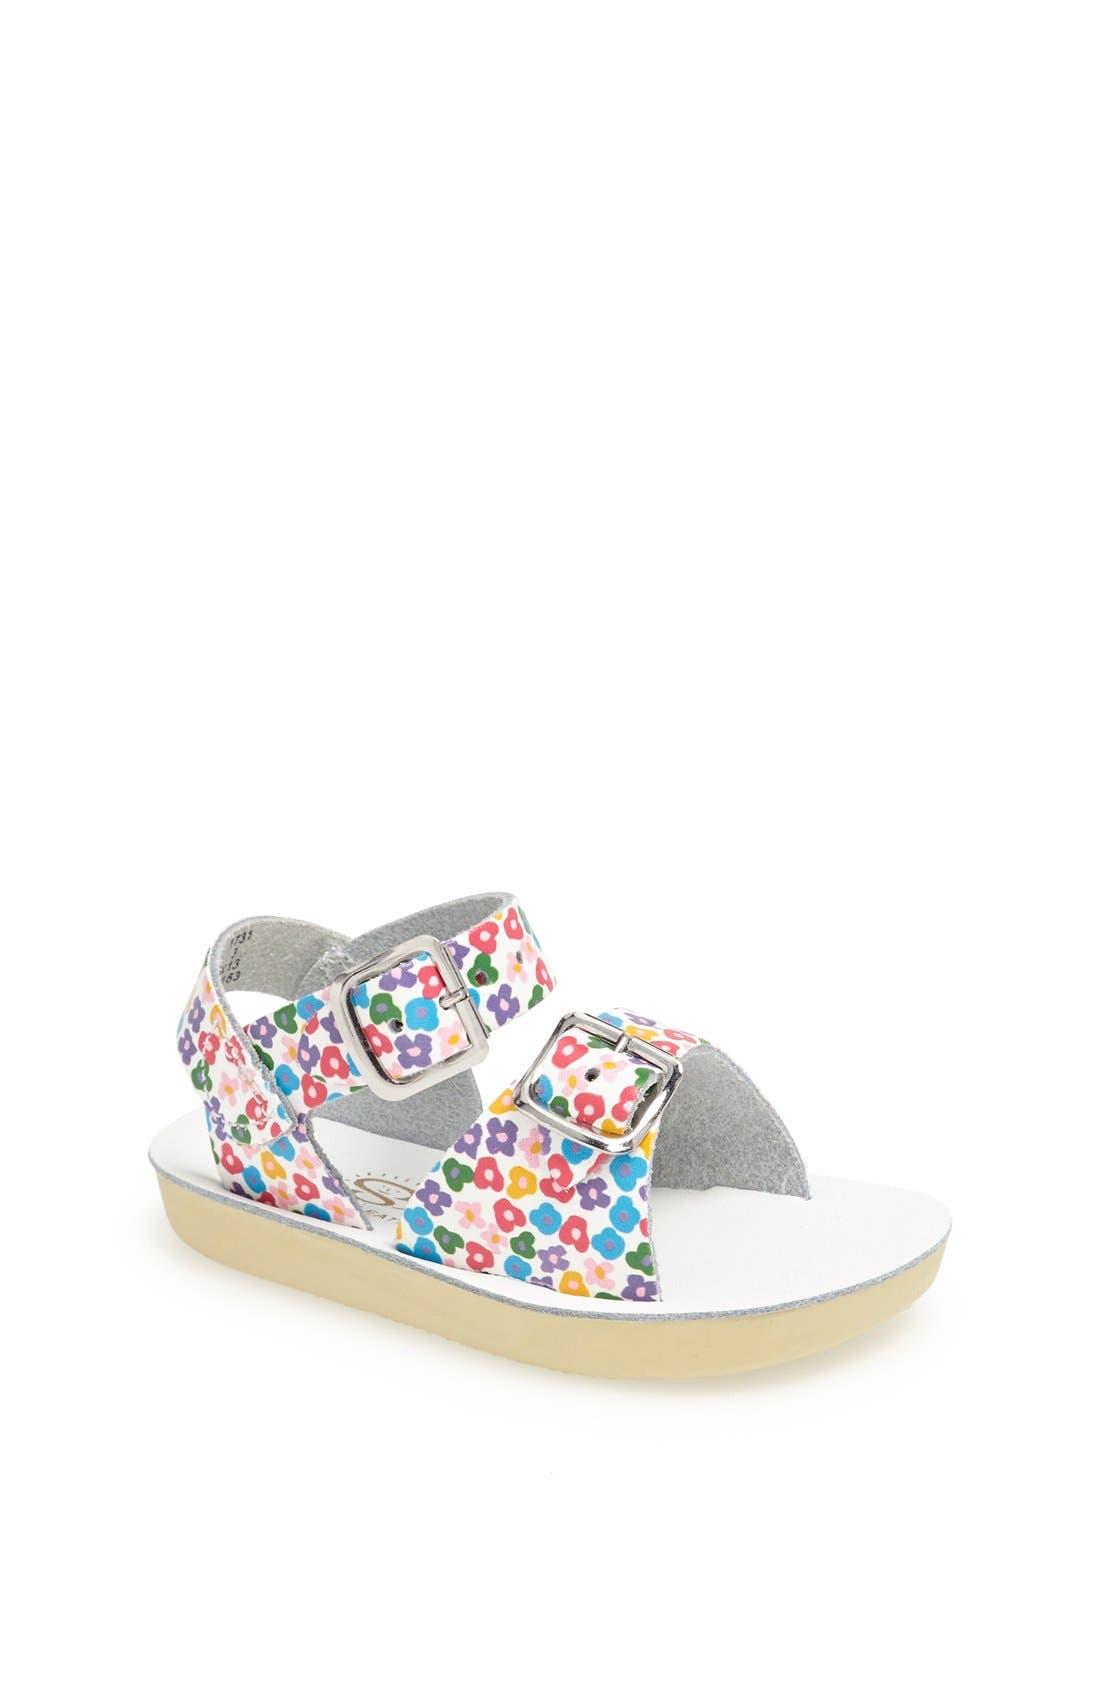 Hoy Shoe Salt-Water<sup>®</sup> Sandals 'Surfer' Sandal,                             Main thumbnail 1, color,